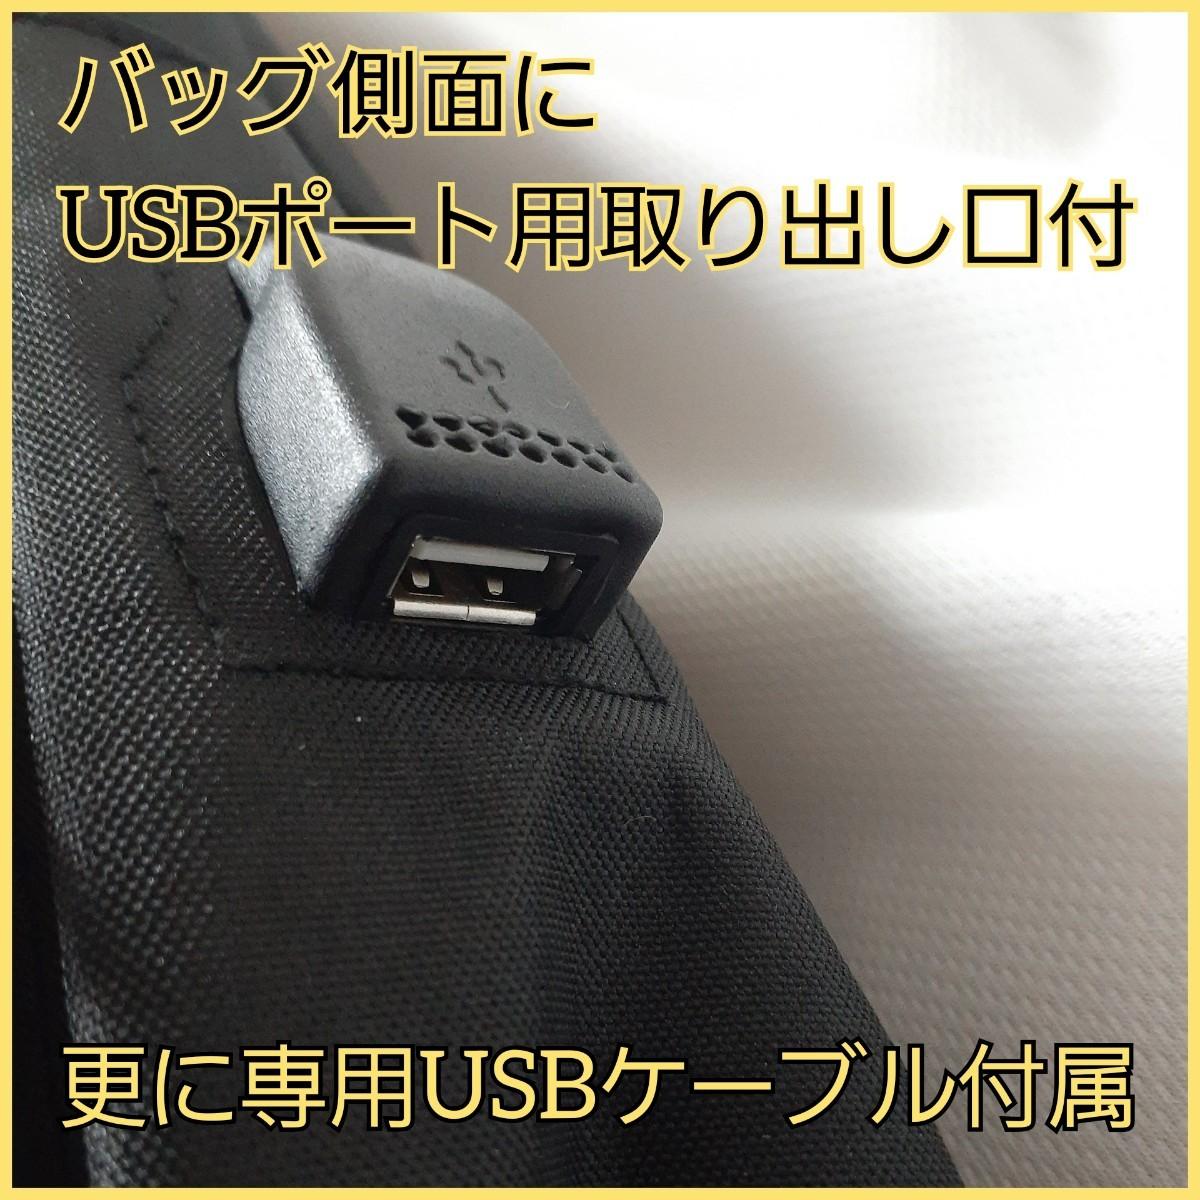 ボディバッグ メンズ レディース かばん USBポート搭載 ケーブル付 ミニバッグ ショルダーバッグ 斜め掛け ワンショルダー